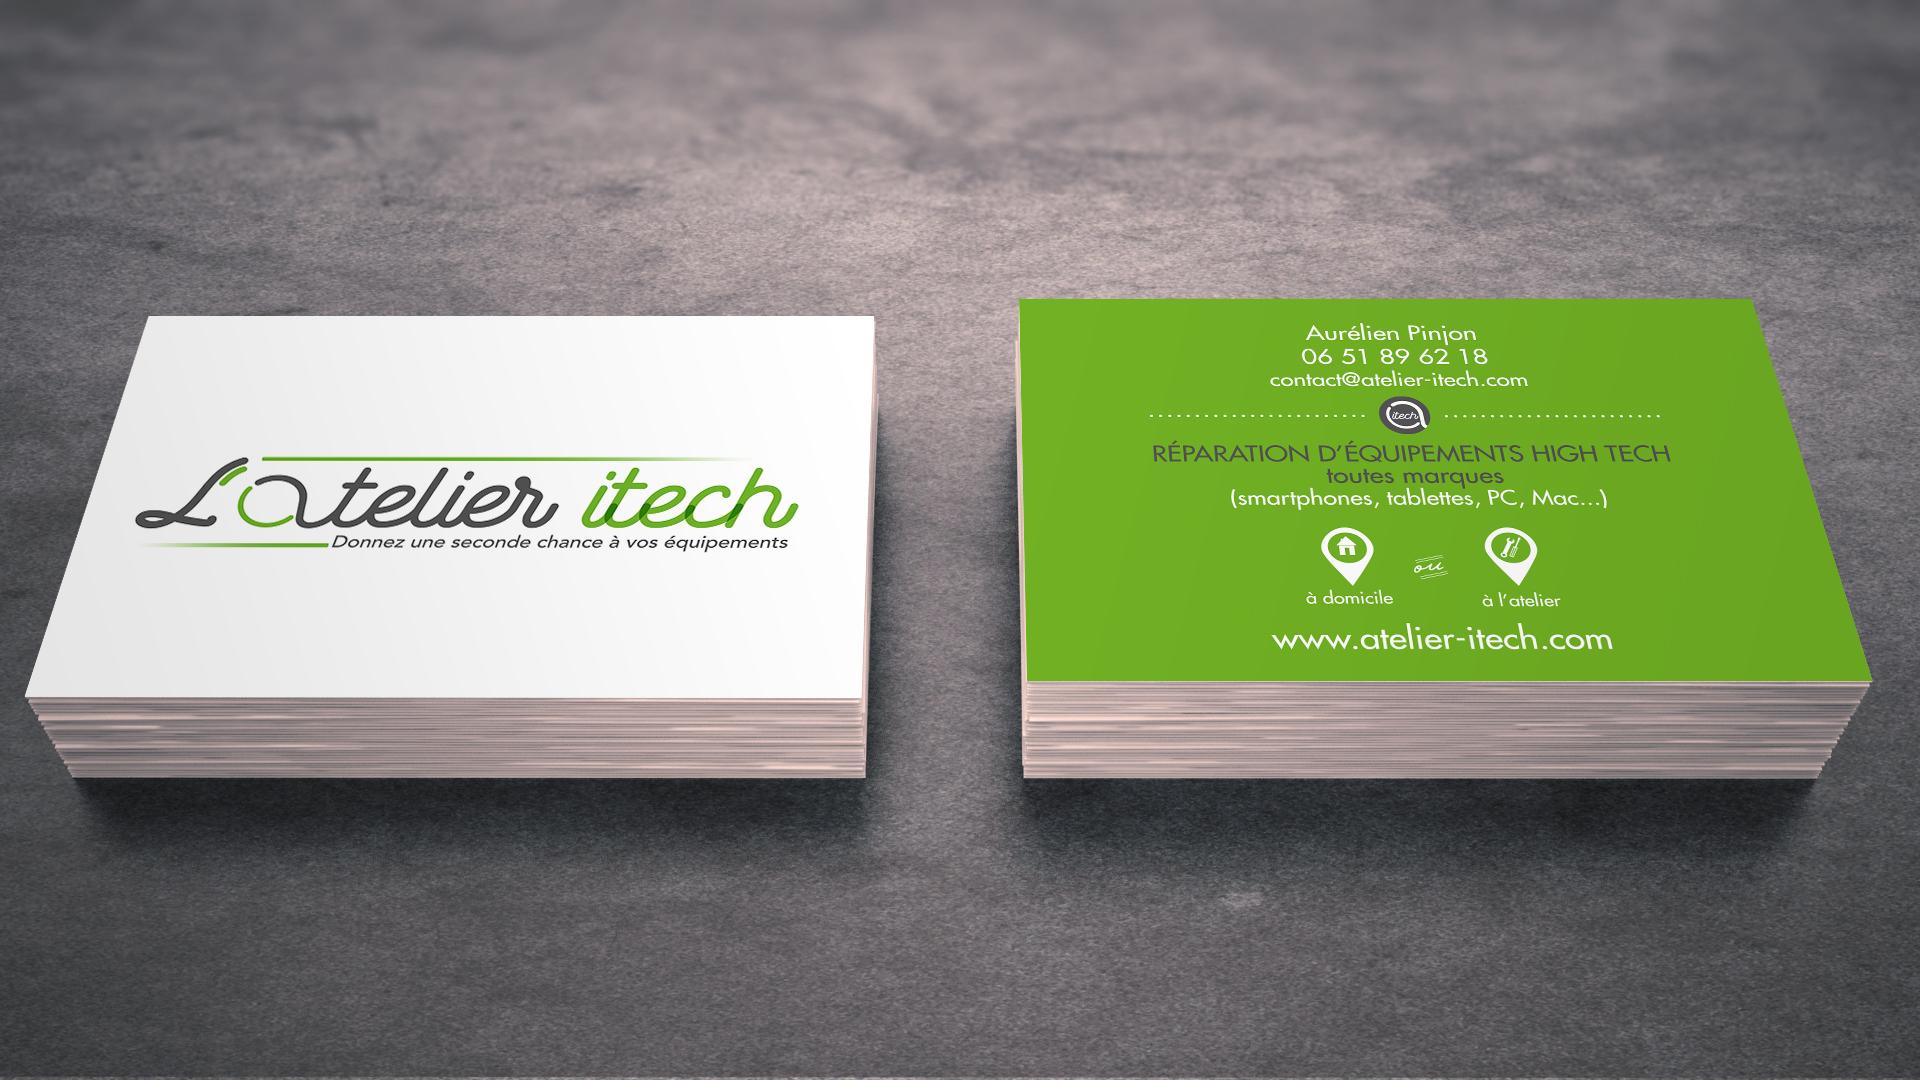 Cartes L'Atelier itech